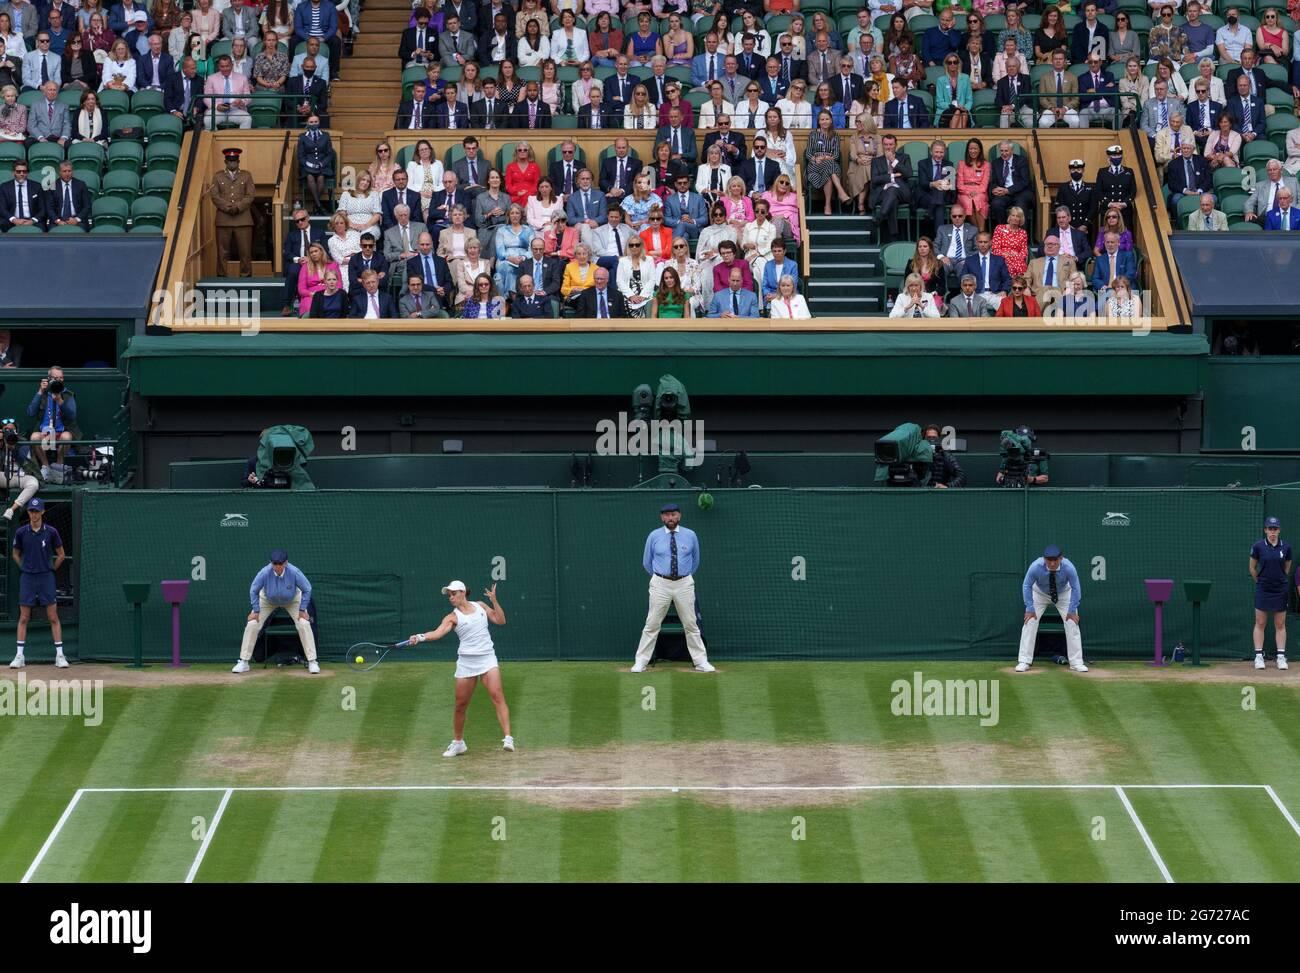 Ospiti del Royal Box mentre Ashleigh Barty (AUS) gioca contro Karolina Pliskova (CZE) nella finale dei Ladies' Singles il 12° giorno di Wimbledon all'All England Lawn Tennis and Croquet Club di Wimbledon. Data immagine: Sabato 10 luglio 2021. Foto Stock